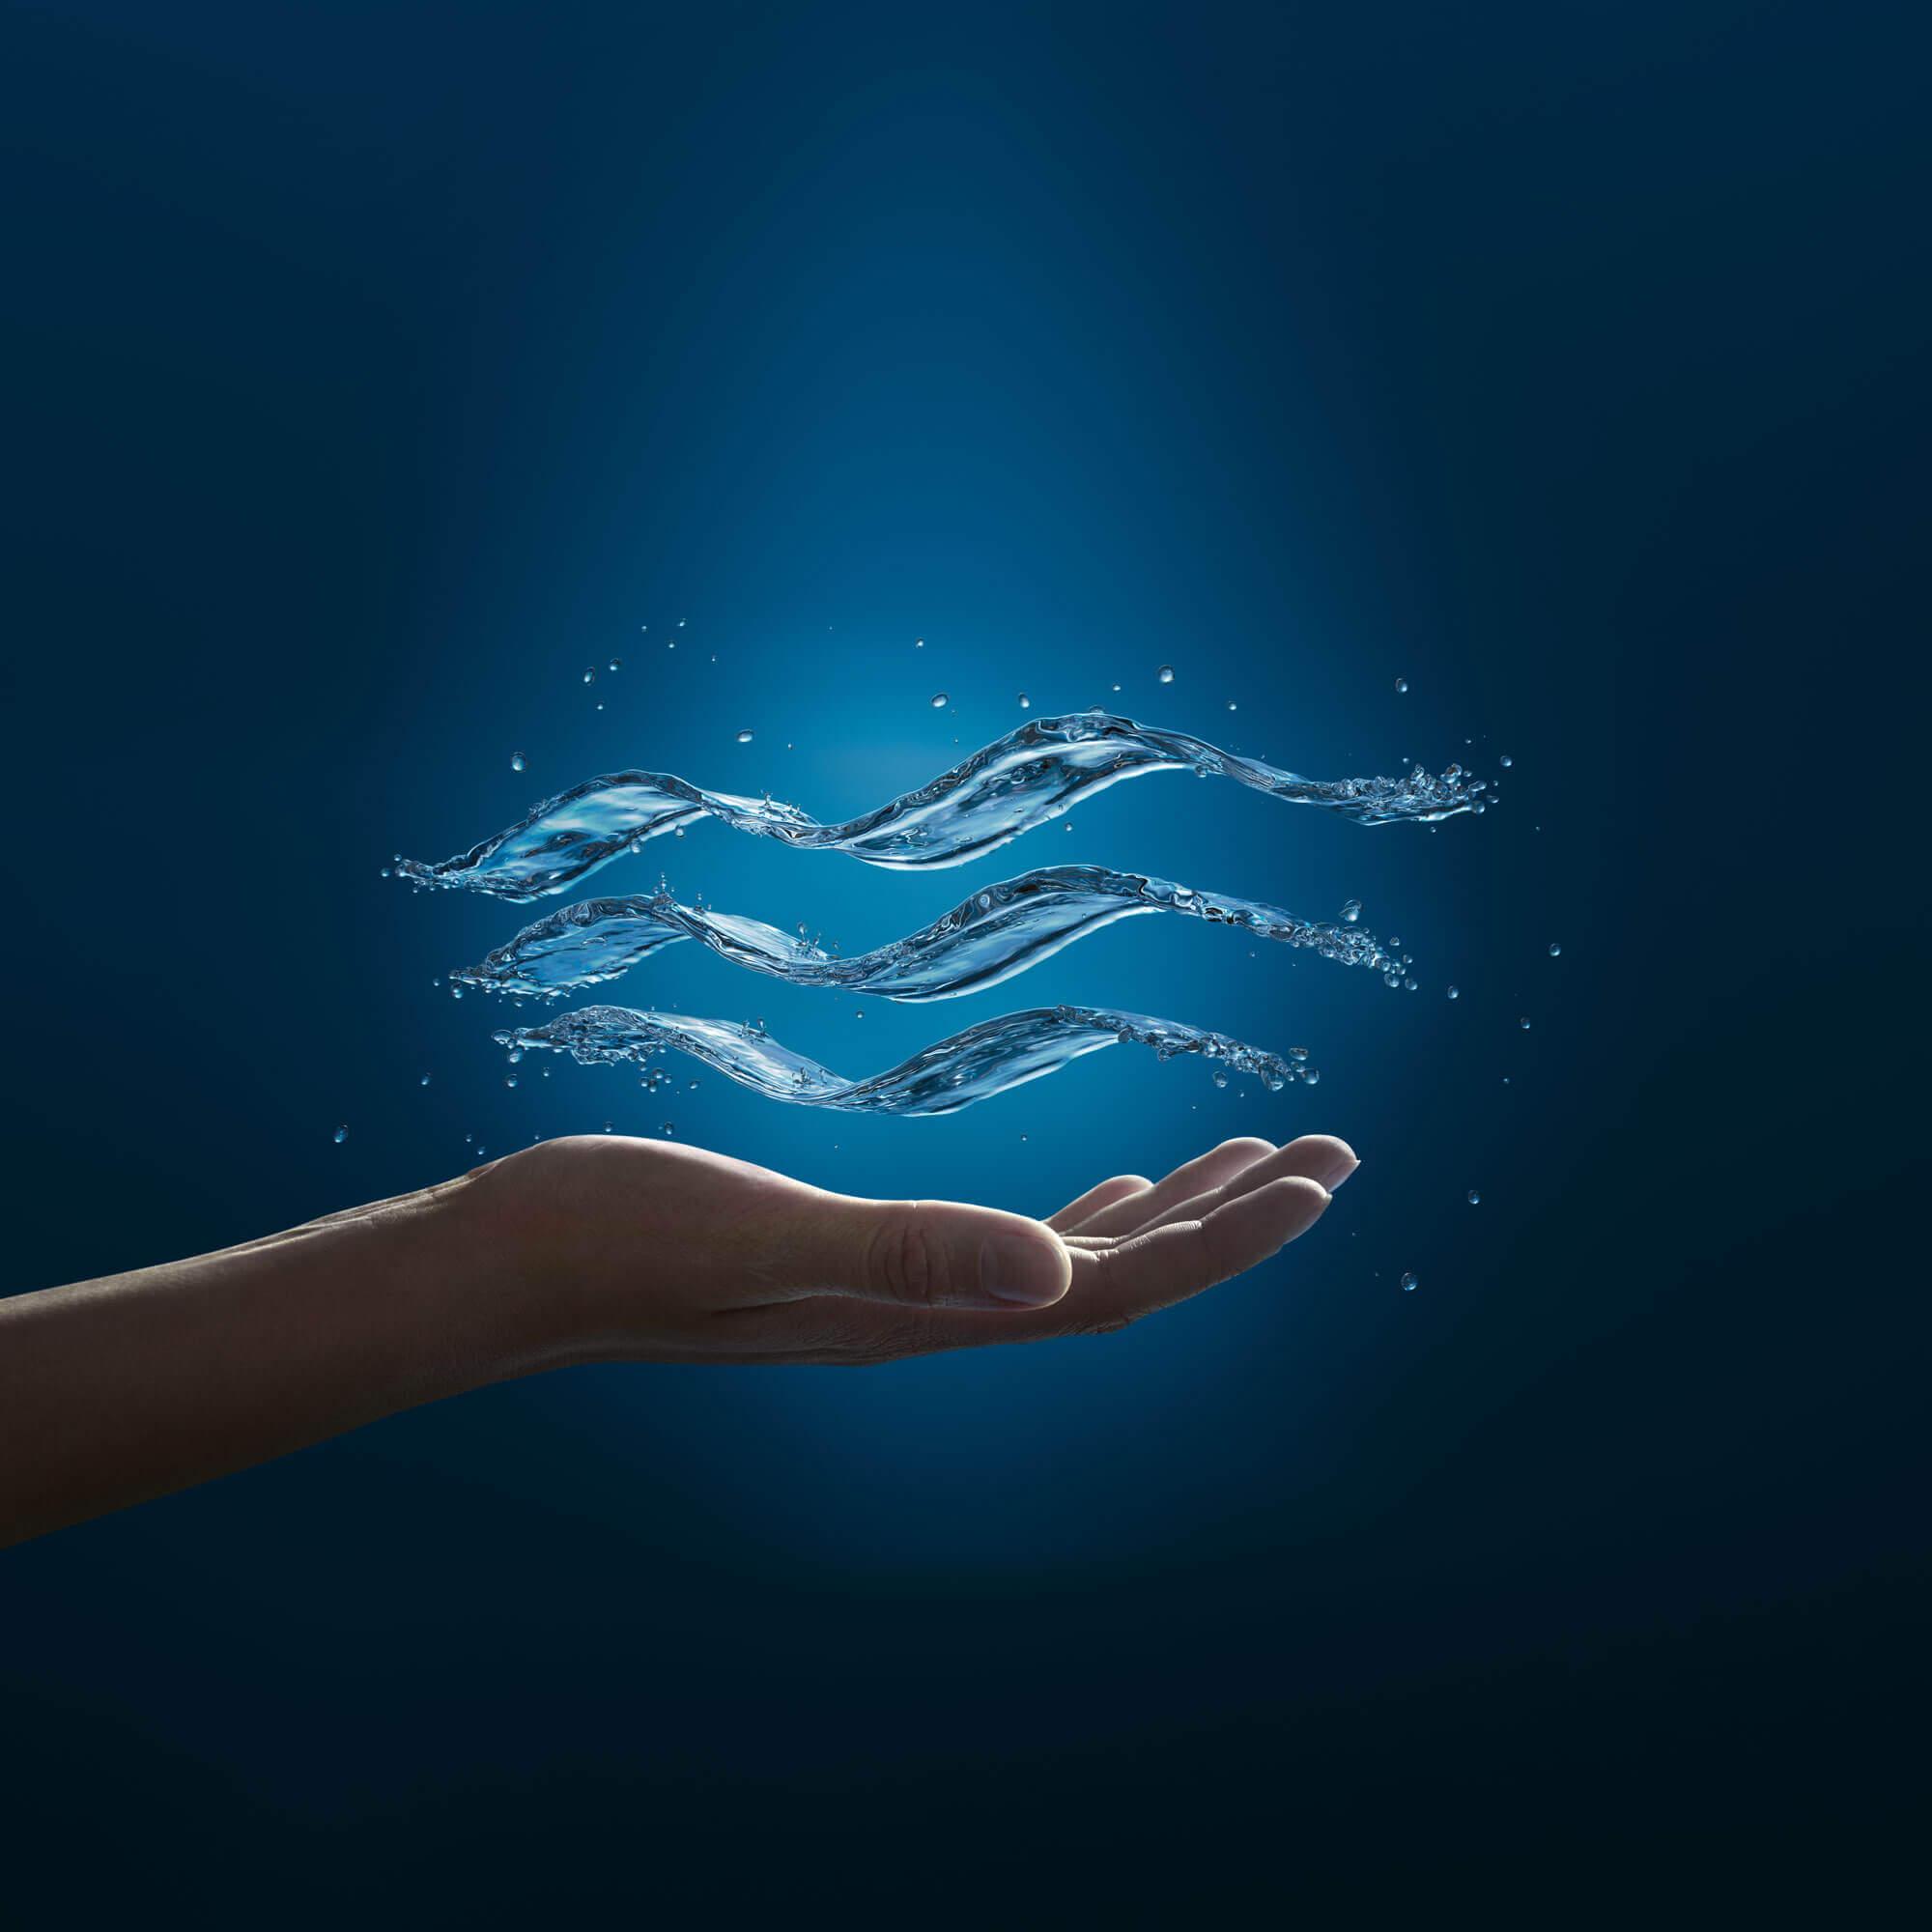 Logo de Grohe apparaissant comme eau flottant au-dessus de la main